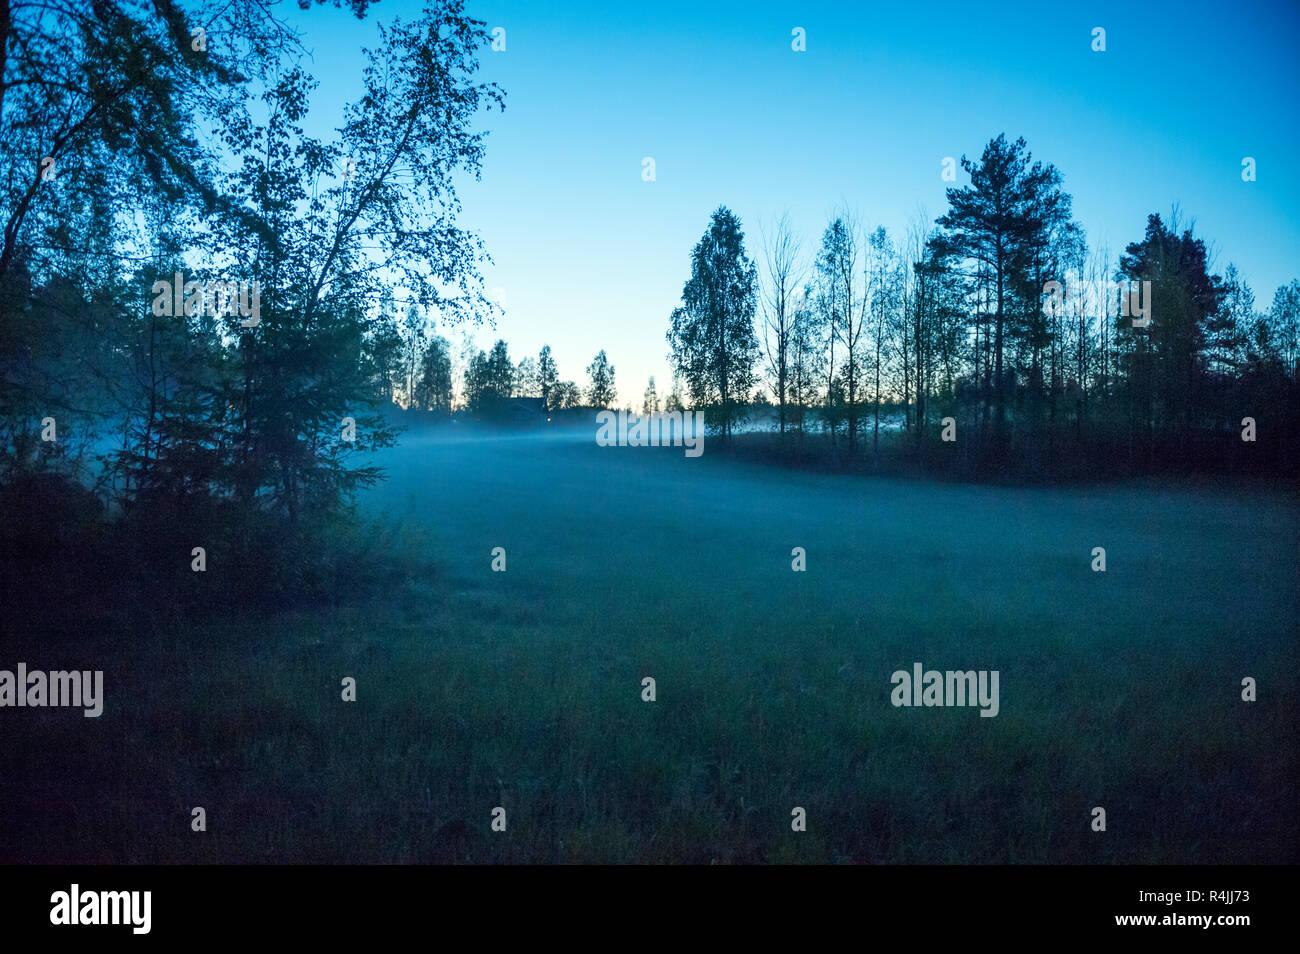 Mist field at dawn in Dalarna, Sweden - Stock Image